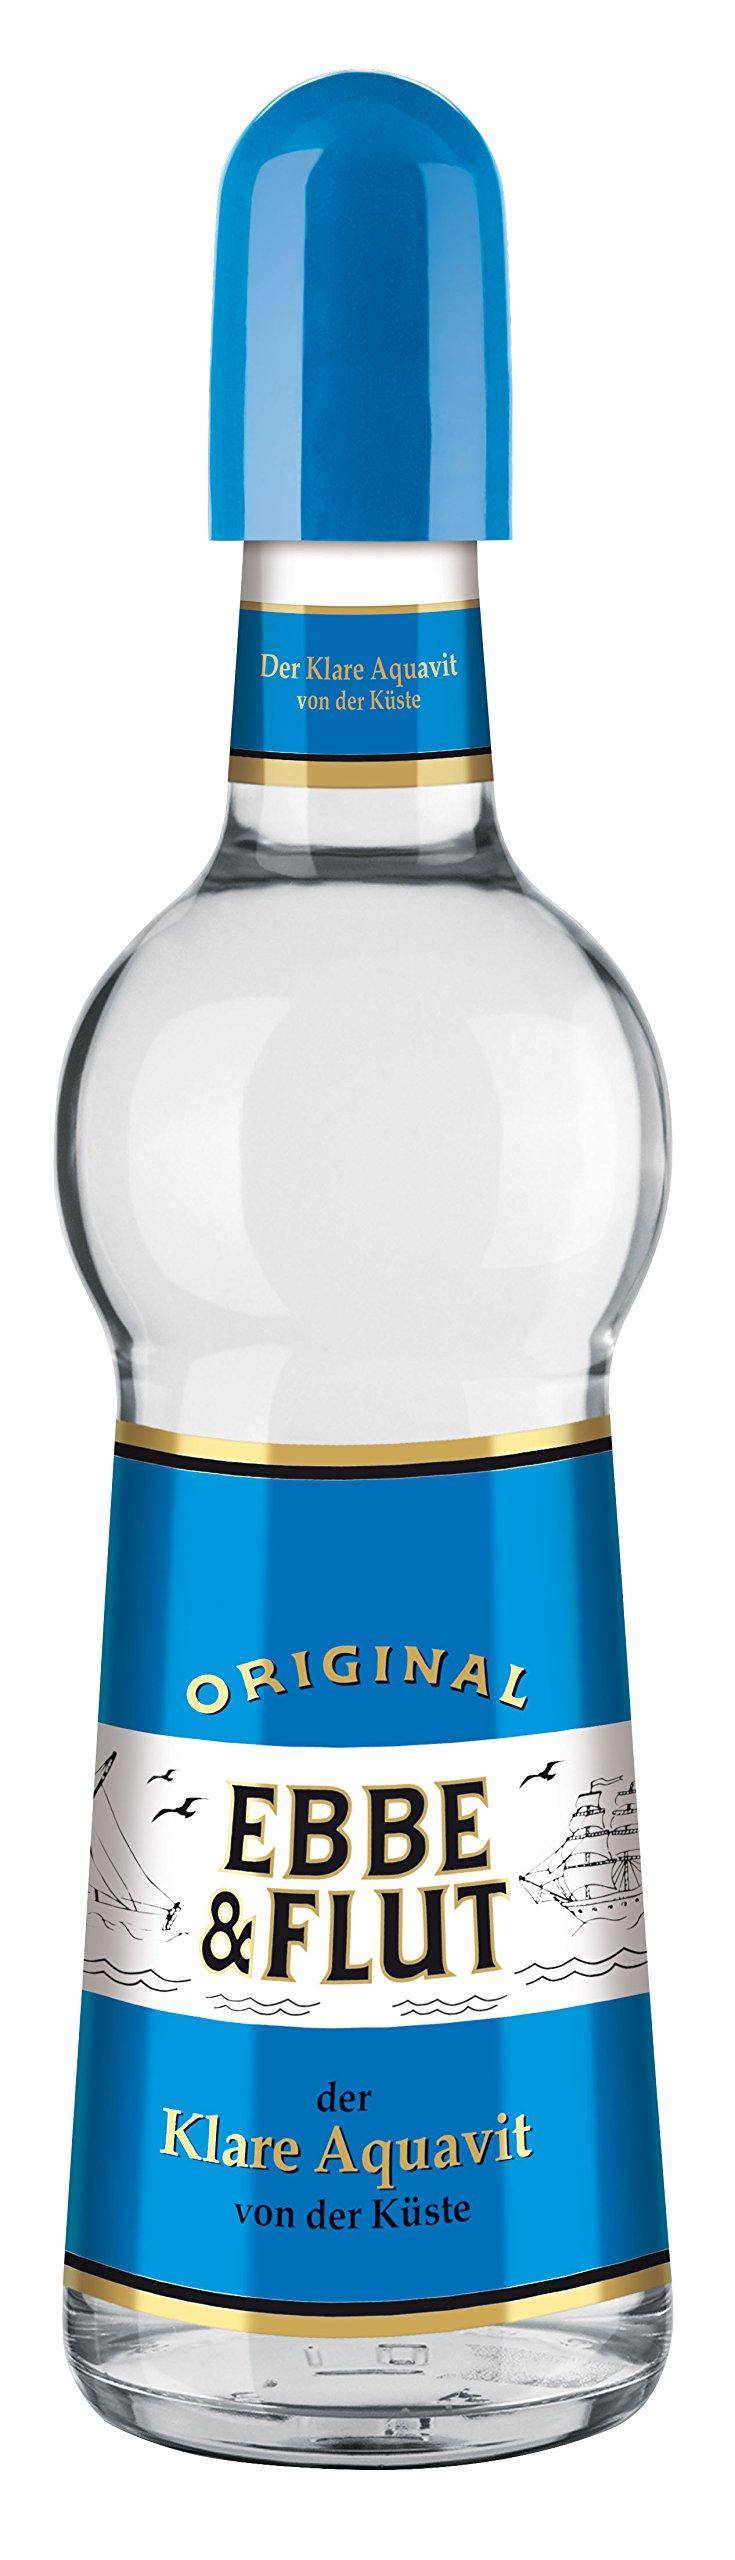 Ebbe-Flut-Original-der-klare-Aquavit-von-der-Kste-05-Liter